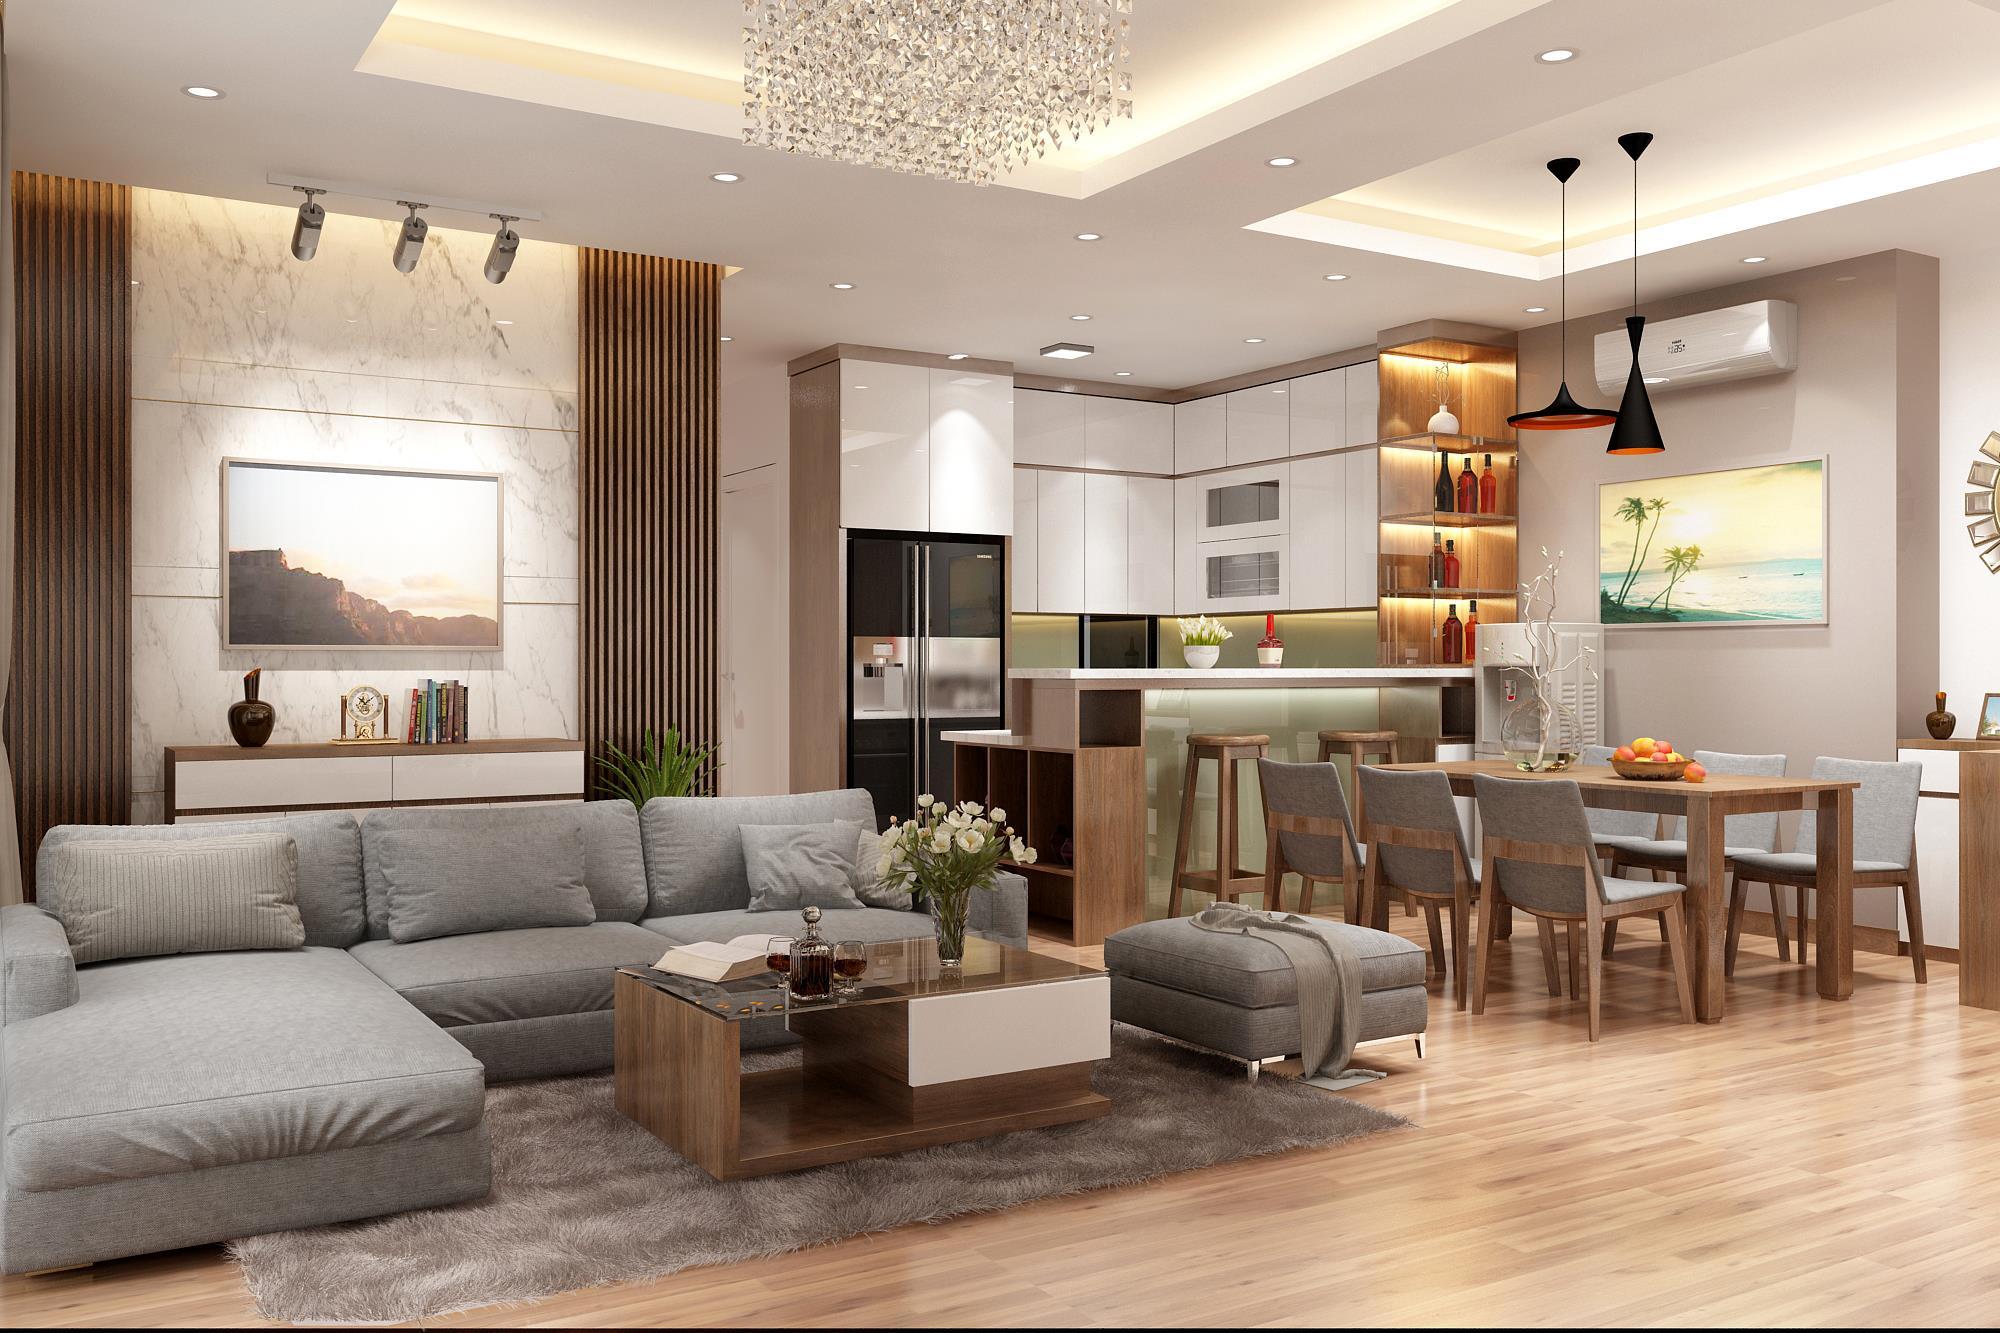 Tư vấn thiết kế nội thất nhà ở cấp 4 nhỏ xinh theo phong cách hiện đại tối giản và với chi phí tiết kiệm chỉ 50 triệu - Ảnh 4.